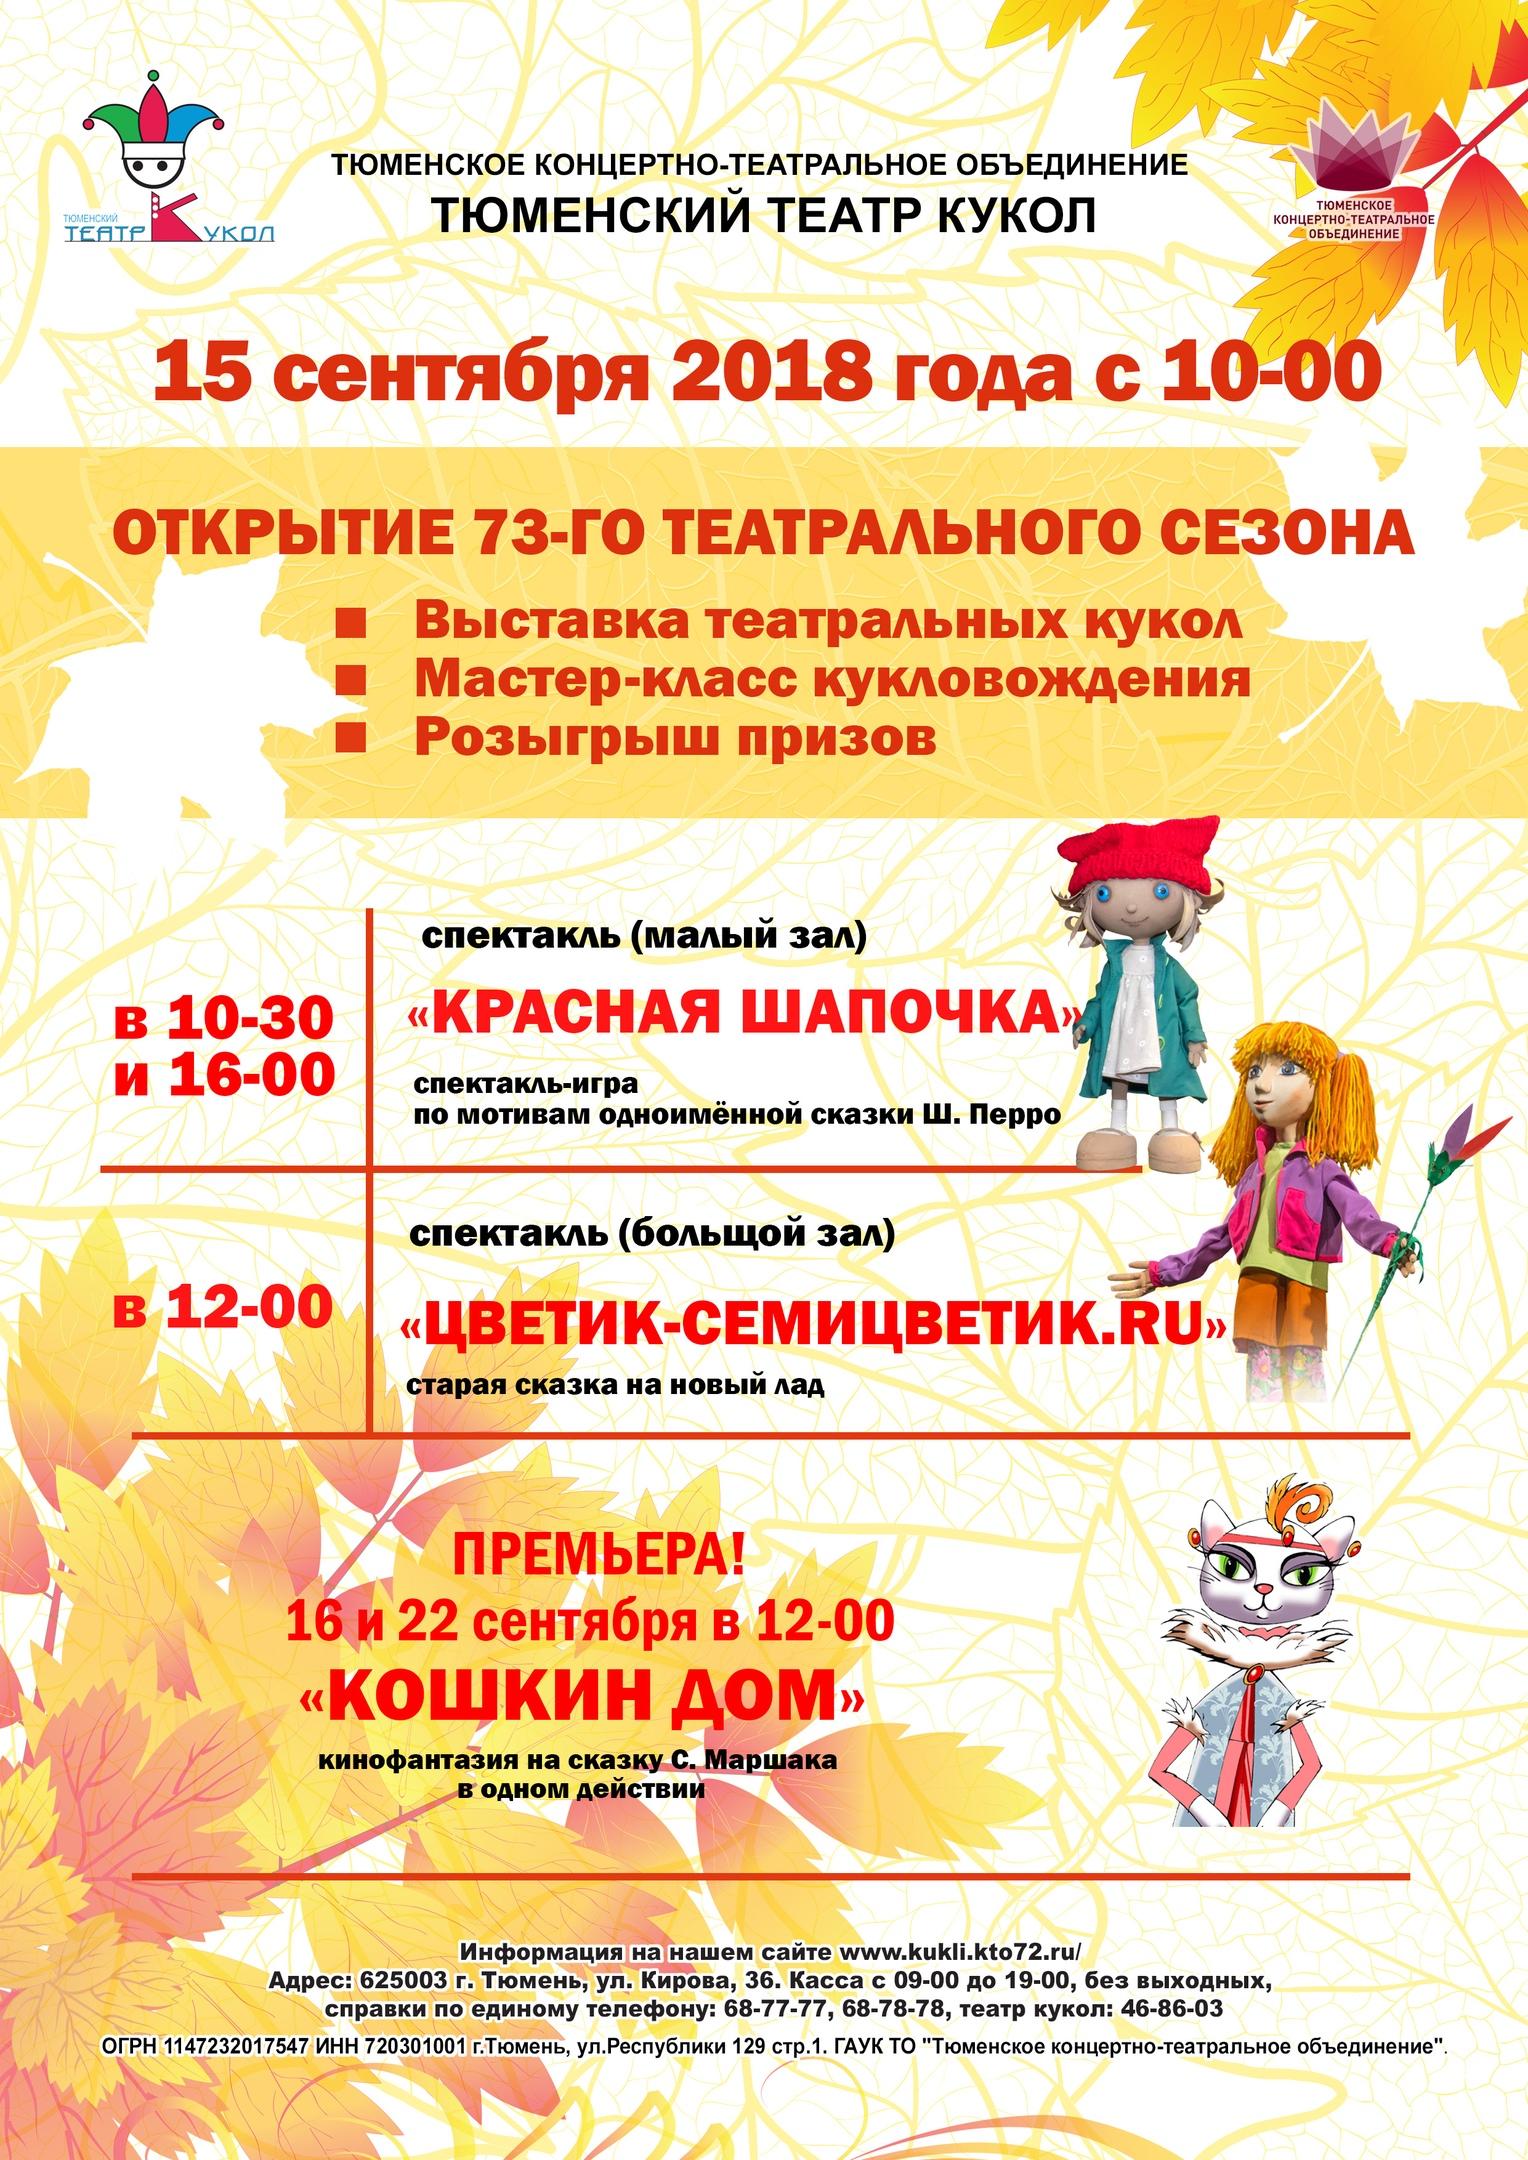 Купить билеты в театр кукол тюмень онлайн афиша концерта духового оркестра